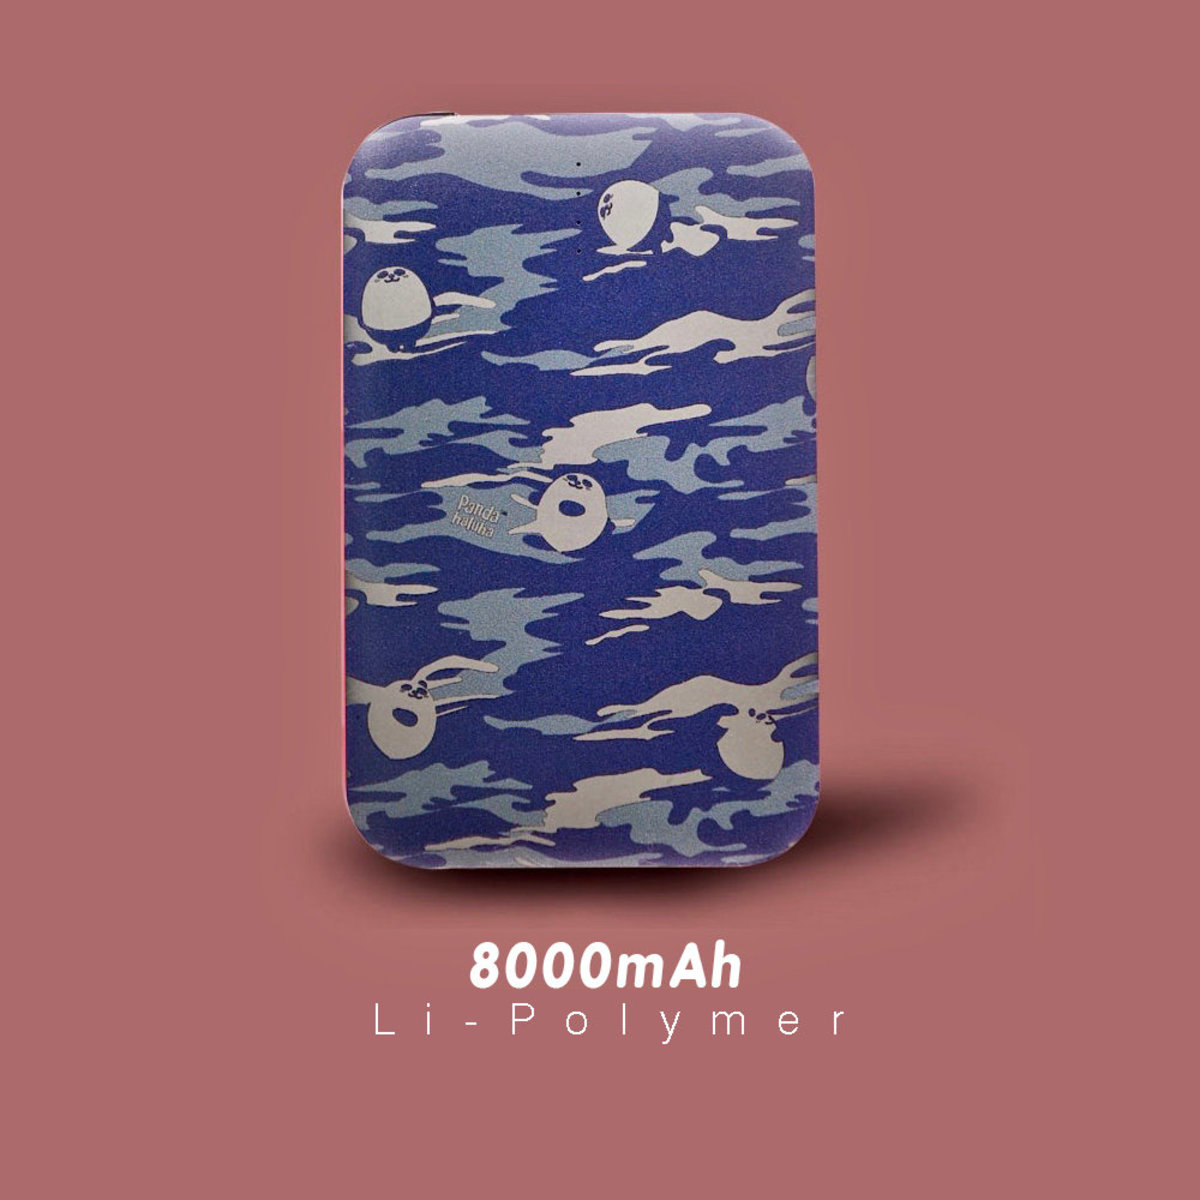 Pandahaluha . Camouflage panda / 8000mAh Power Bank